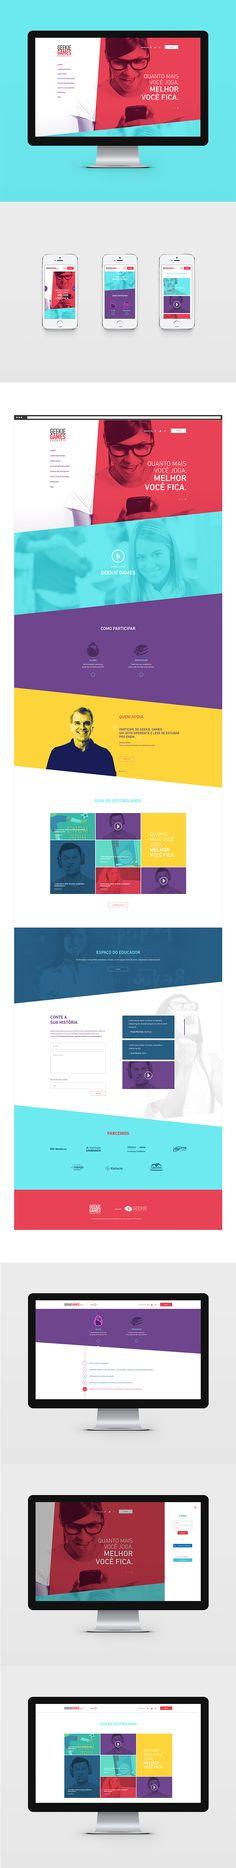 Geekie Games Graphic Design, Web Design